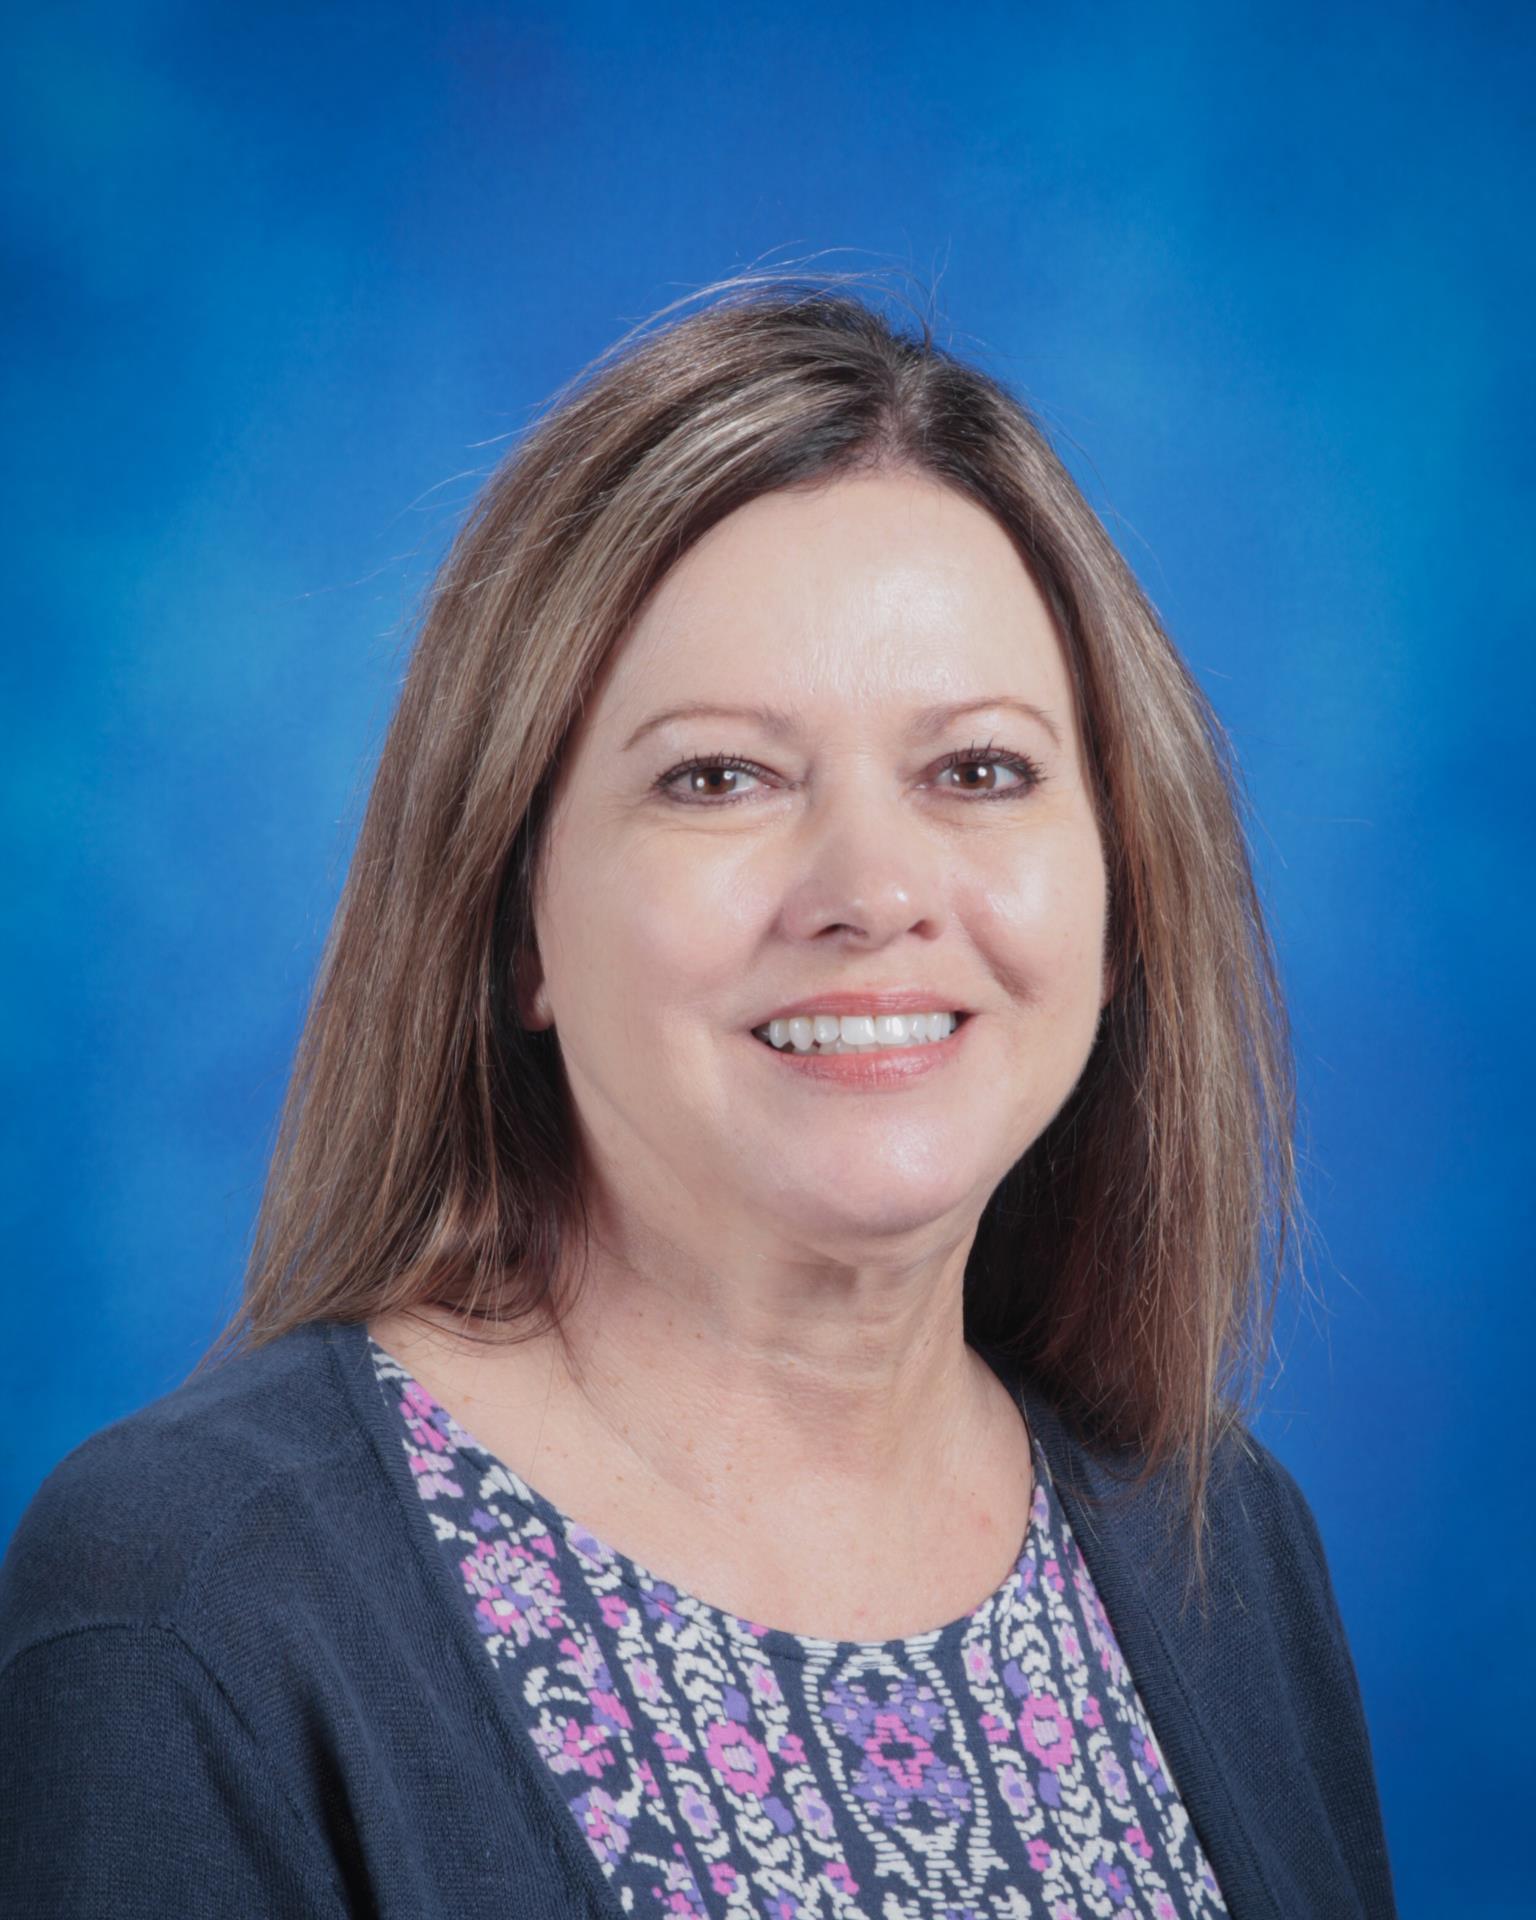 Regina Cabral